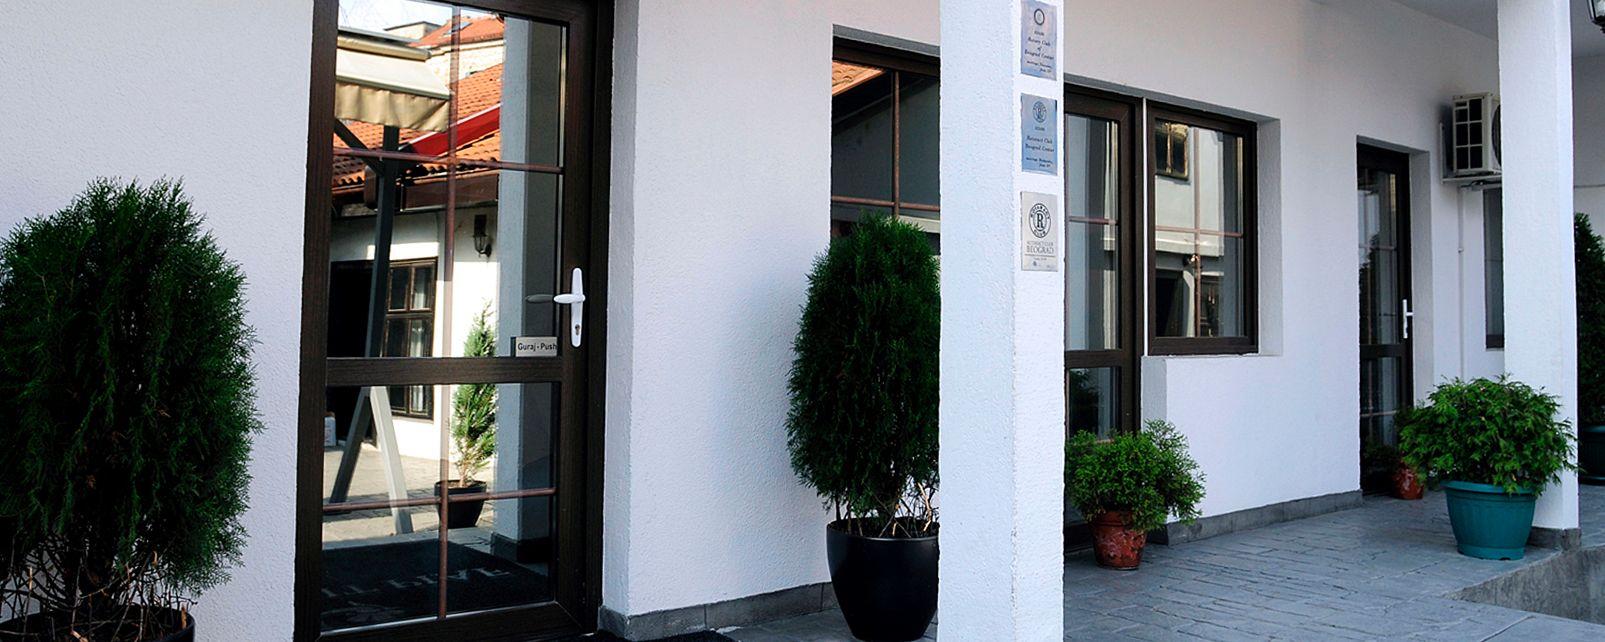 Hotel le petit piaf belgrado for Hotel belgrado